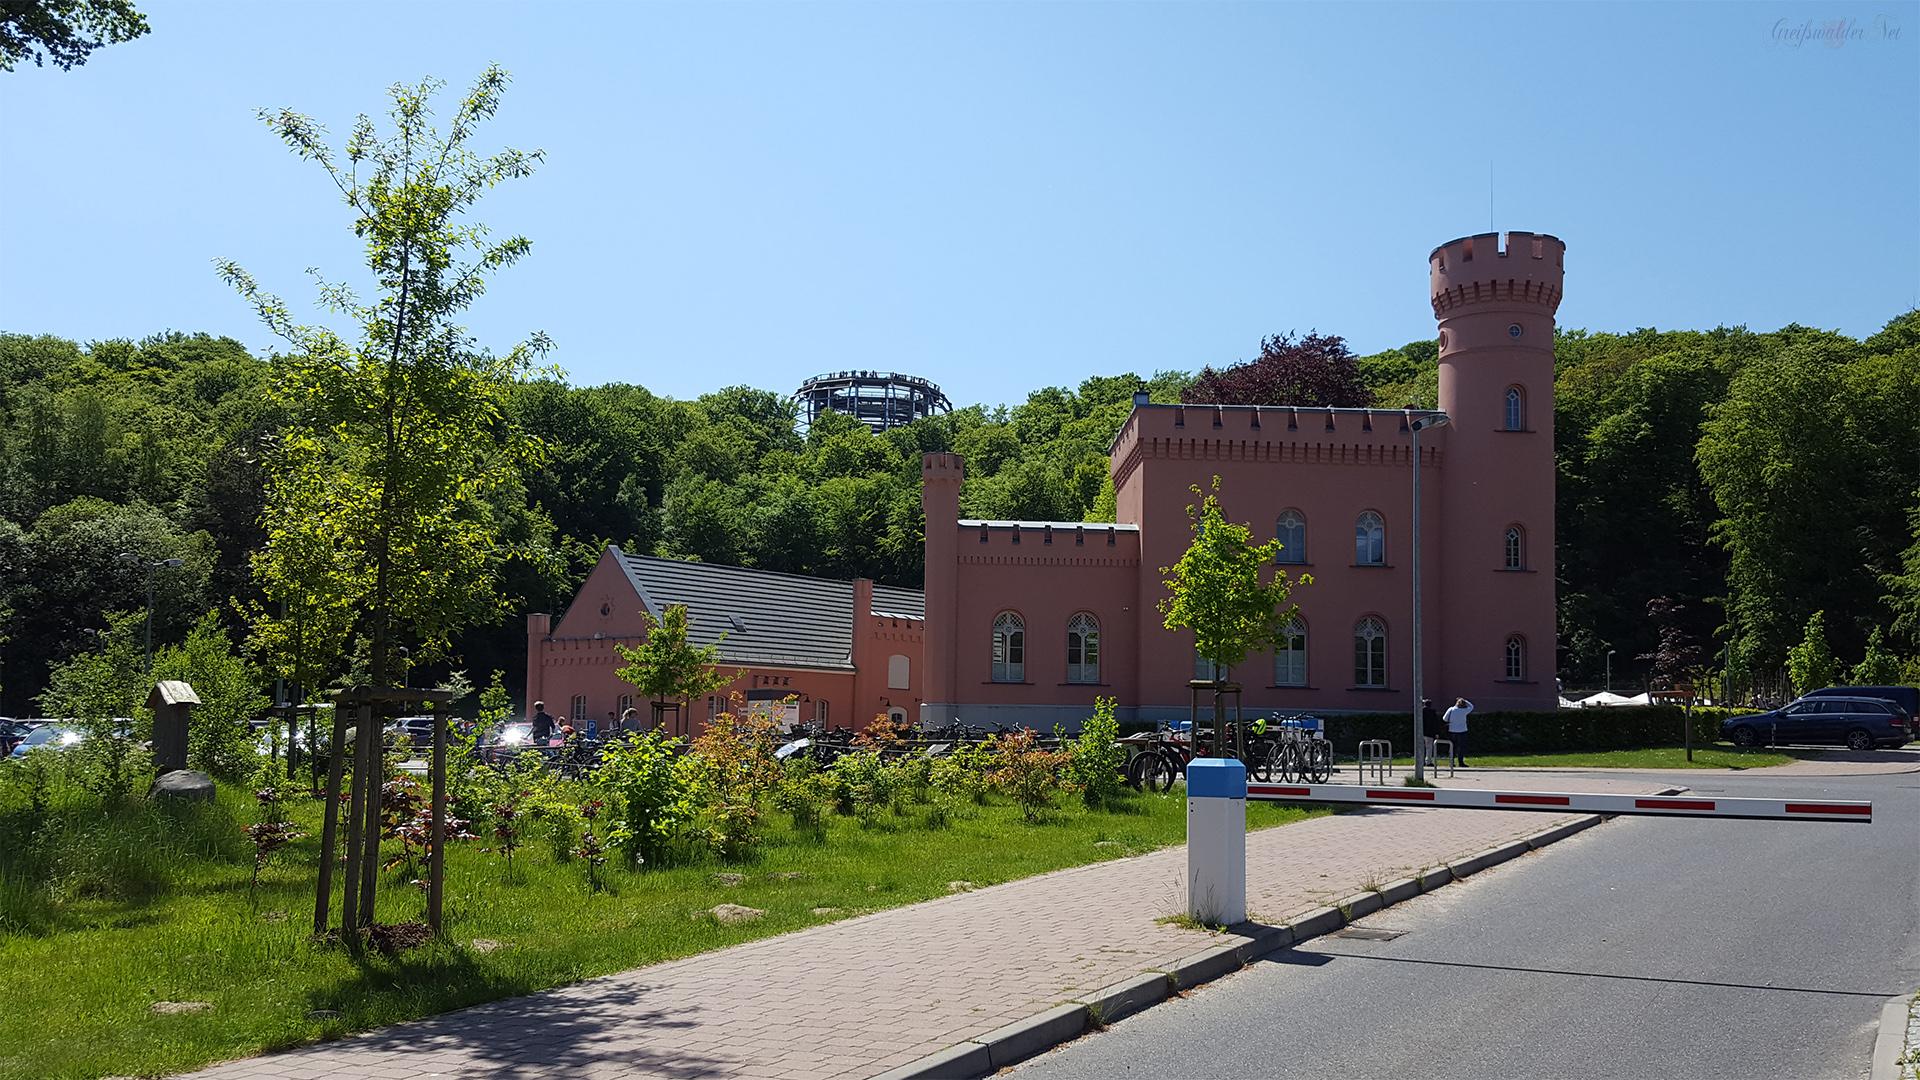 Baumwipfelpfad auf der Insel Rügen - Naturerbe Zentrum Rügen